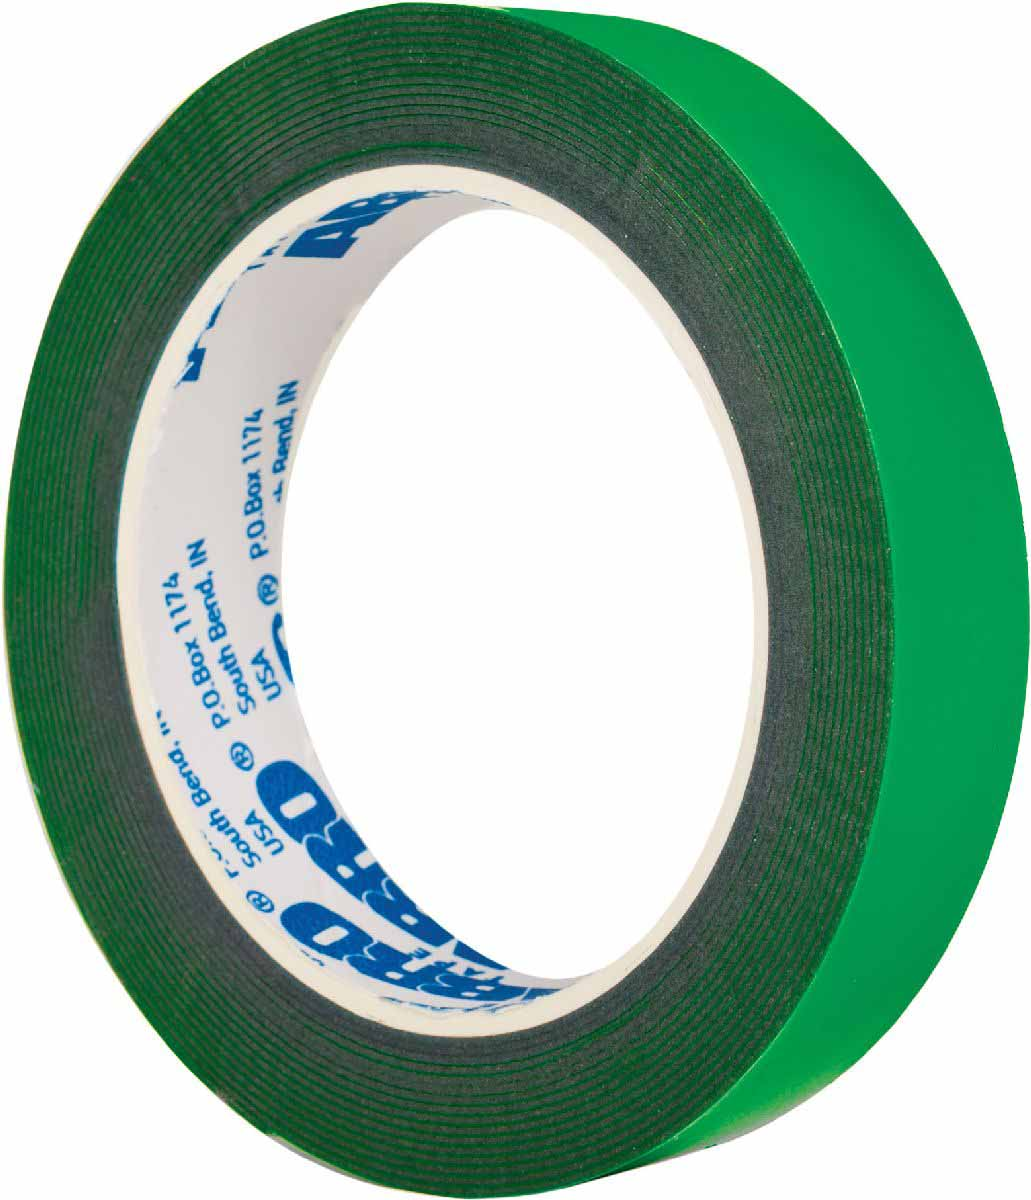 Лента клейкая двухсторонняя Abro Masters, цвет: зеленый, 12 мм х 5 мRC-100BWCДвусторонняя лента АBRO состоит из 2-х клеевых слоев, несущей основы из пеноматериала и защитного слоя. Основа из вспененного материала придает ленте способность принимать форму поверхности, заполняя ее неровности, и делает ленту идеальным средством для соединения материалов с шероховатыми и неровными поверхностями. Клеевые соединения, полученные с помощью этих лент, обладают шумоизоляционными и демпфирующими свойствами, отлично противостоят вибрационным и ударным нагрузкам.Особенности:— более толстый слой позволяет использовать на неровных и шероховатых поверхностях;— обладает повышенной мягкостью и гибкостью (по сравнению с аналогами).Применение:Строительные работы:— крепление плинтусов;— крепление пластиковых бордюров.Монтажные работы:— монтаж металлических и пластиковых конструкций;— изготовление рекламных материалов, декораций.Ремонт автомобилей:— монтаж зеркал;— монтаж функциональных накладок, молдингов.В быту:— упаковка подарков;— монтаж мебельных зеркал;— крепление небольших предметов (крючки, рамки, плакаты и т. д.).